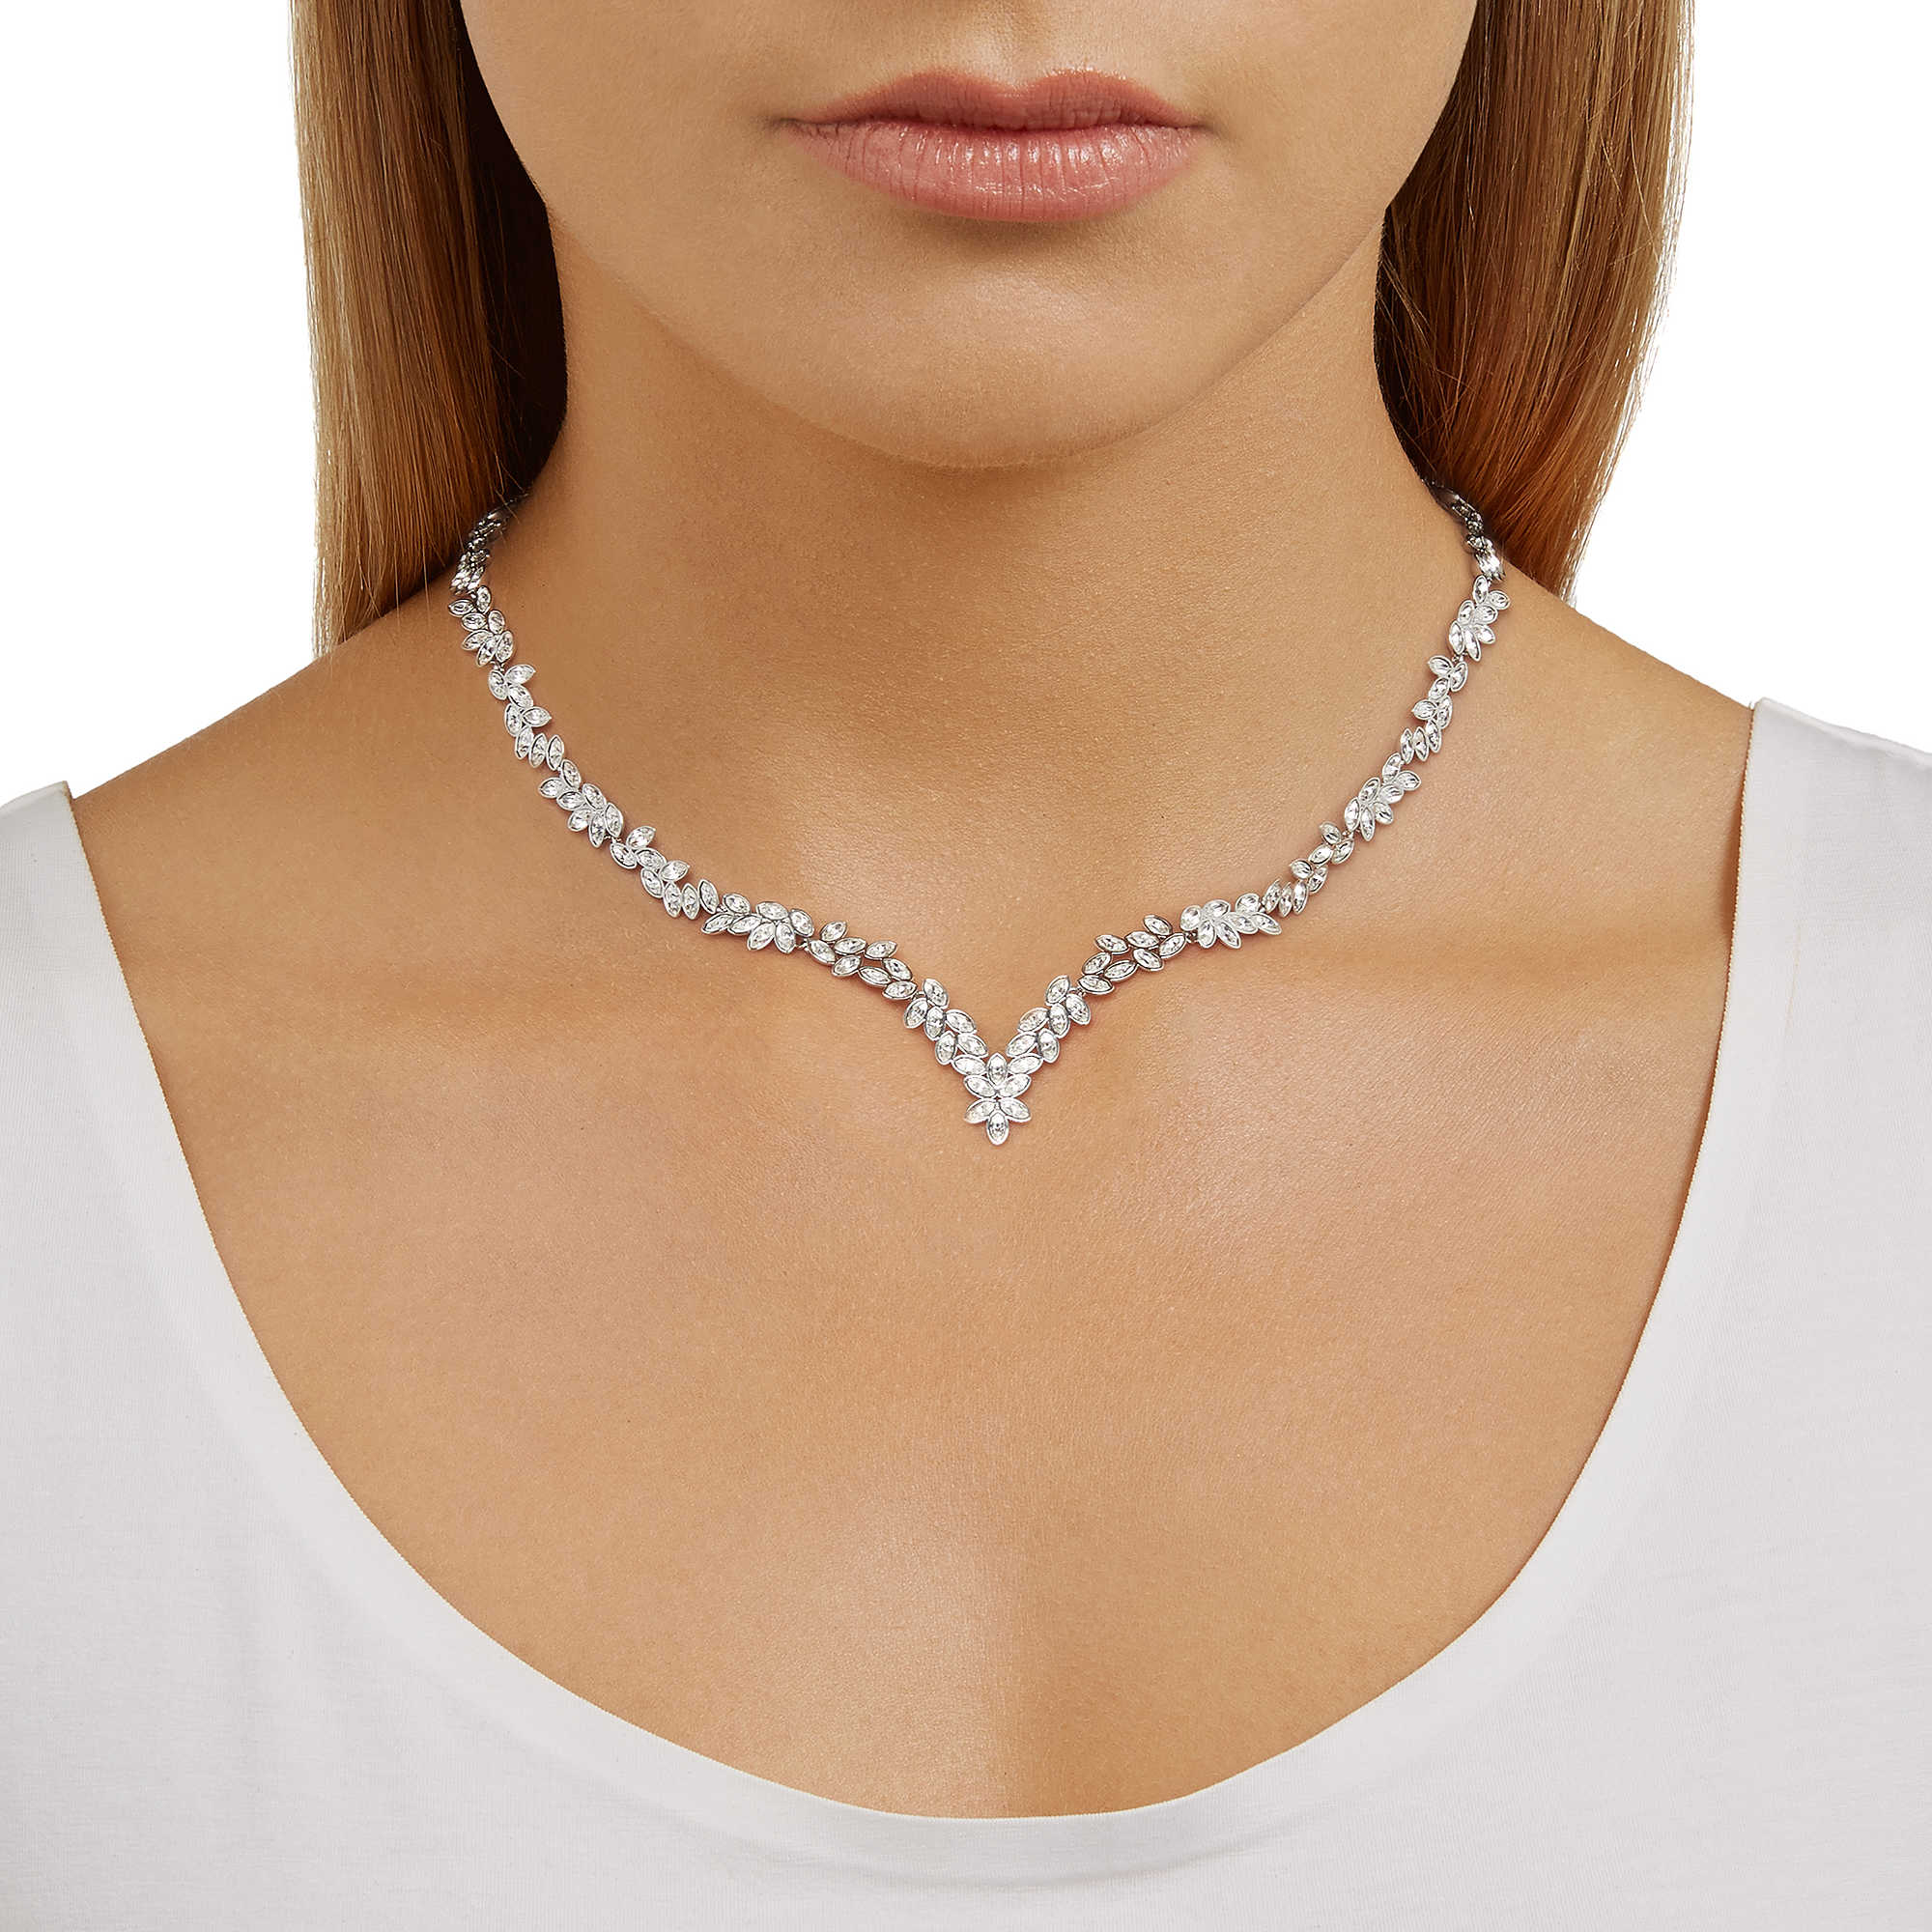 nuovo arrivo 6dfc3 72d5a collana donna gioielli Swarovski Diapason 5184273